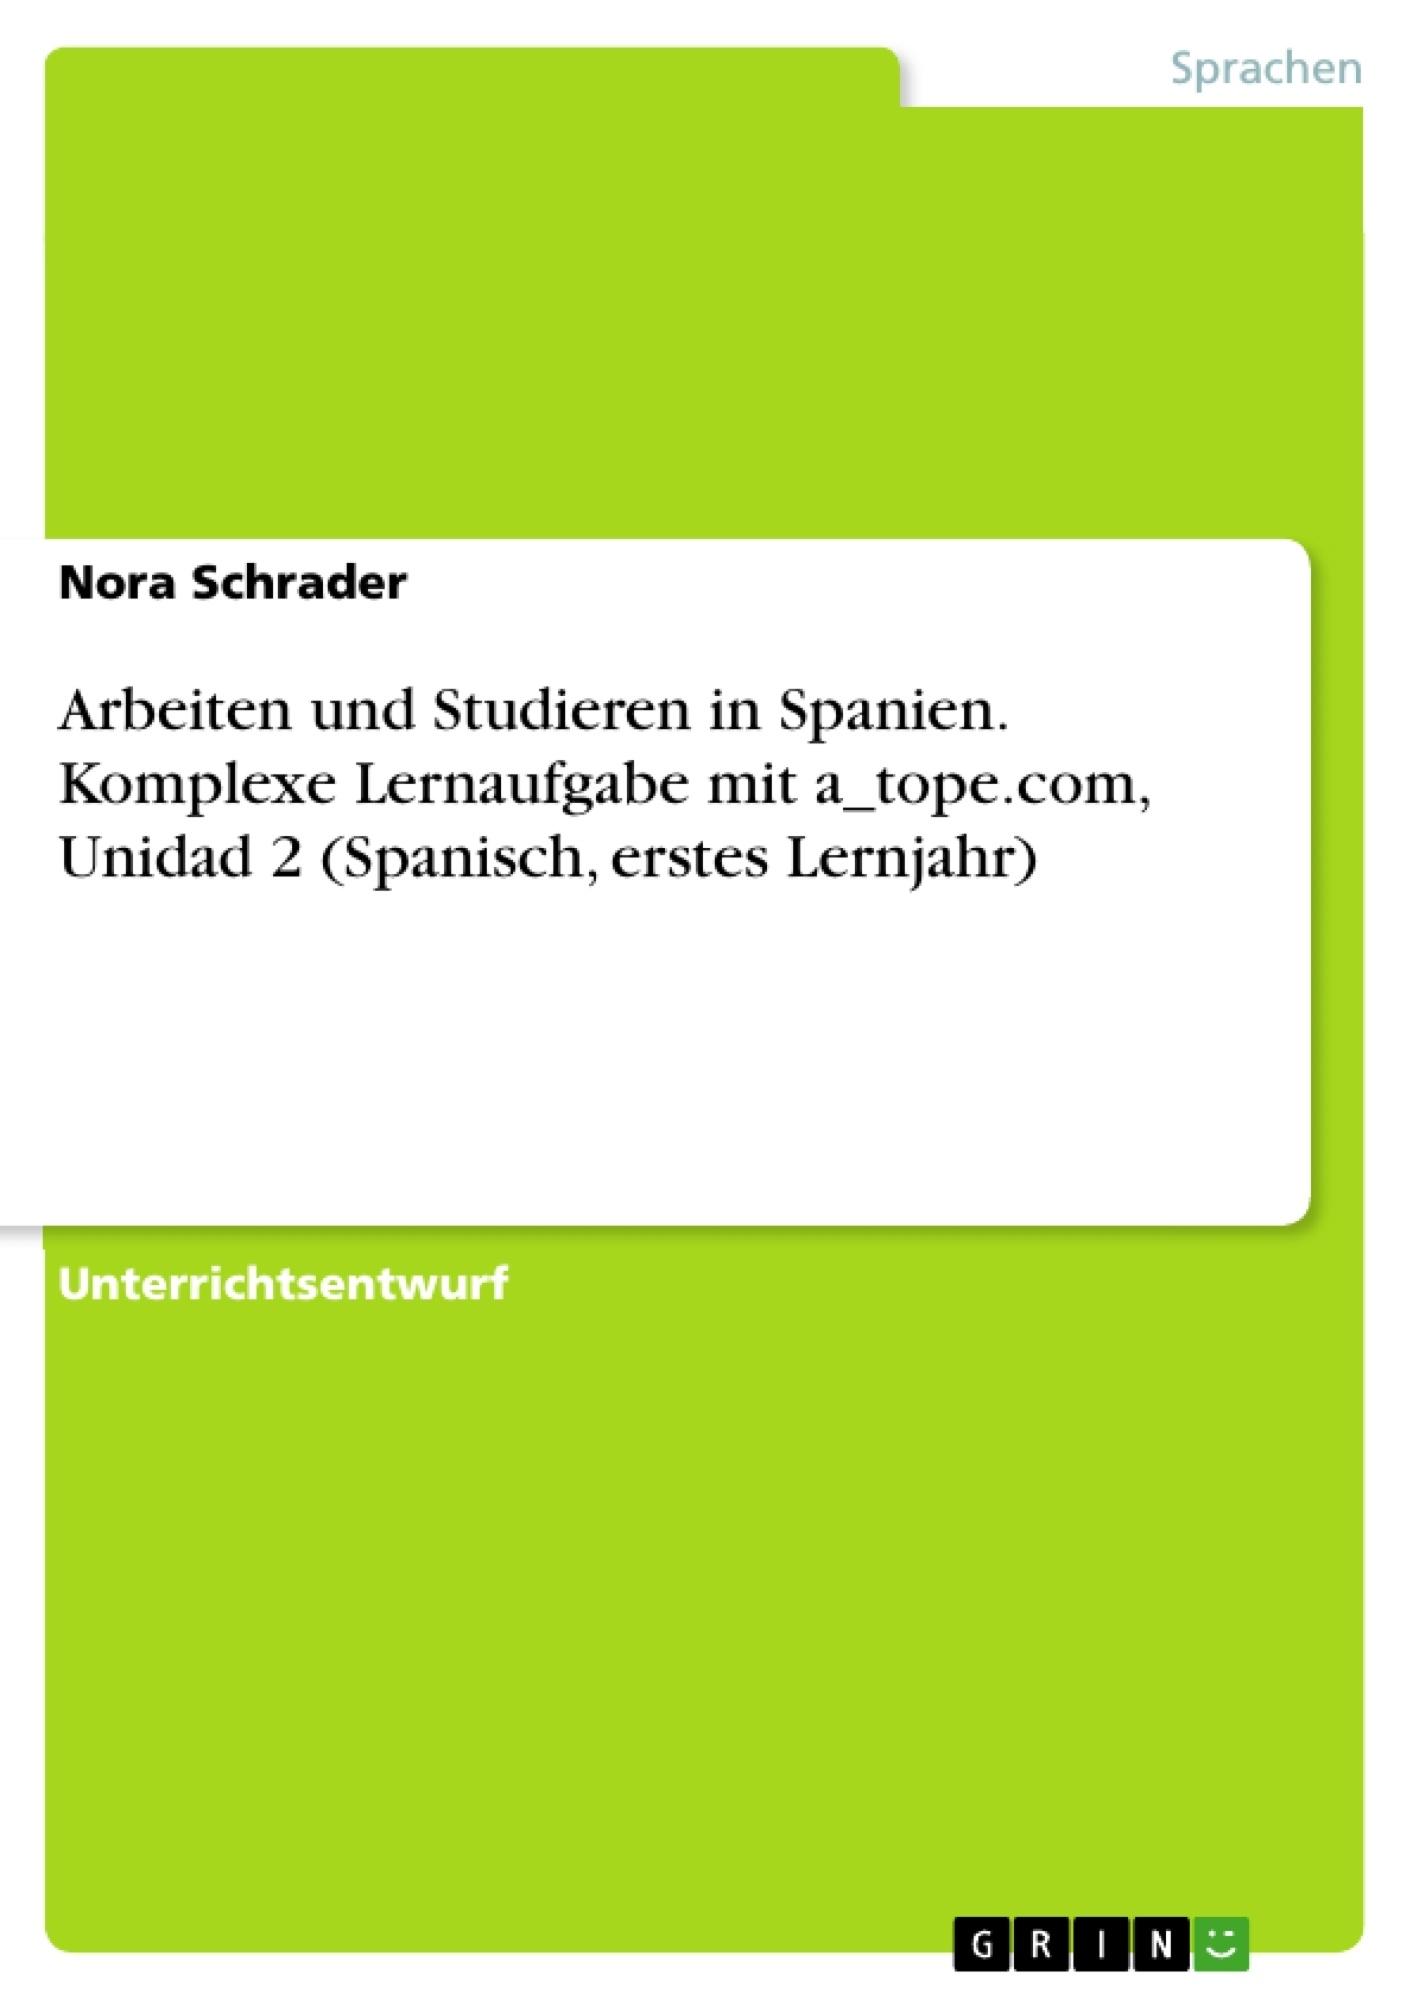 Titel: Arbeiten und Studieren in Spanien. Komplexe Lernaufgabe mit a_tope.com, Unidad 2 (Spanisch, erstes Lernjahr)